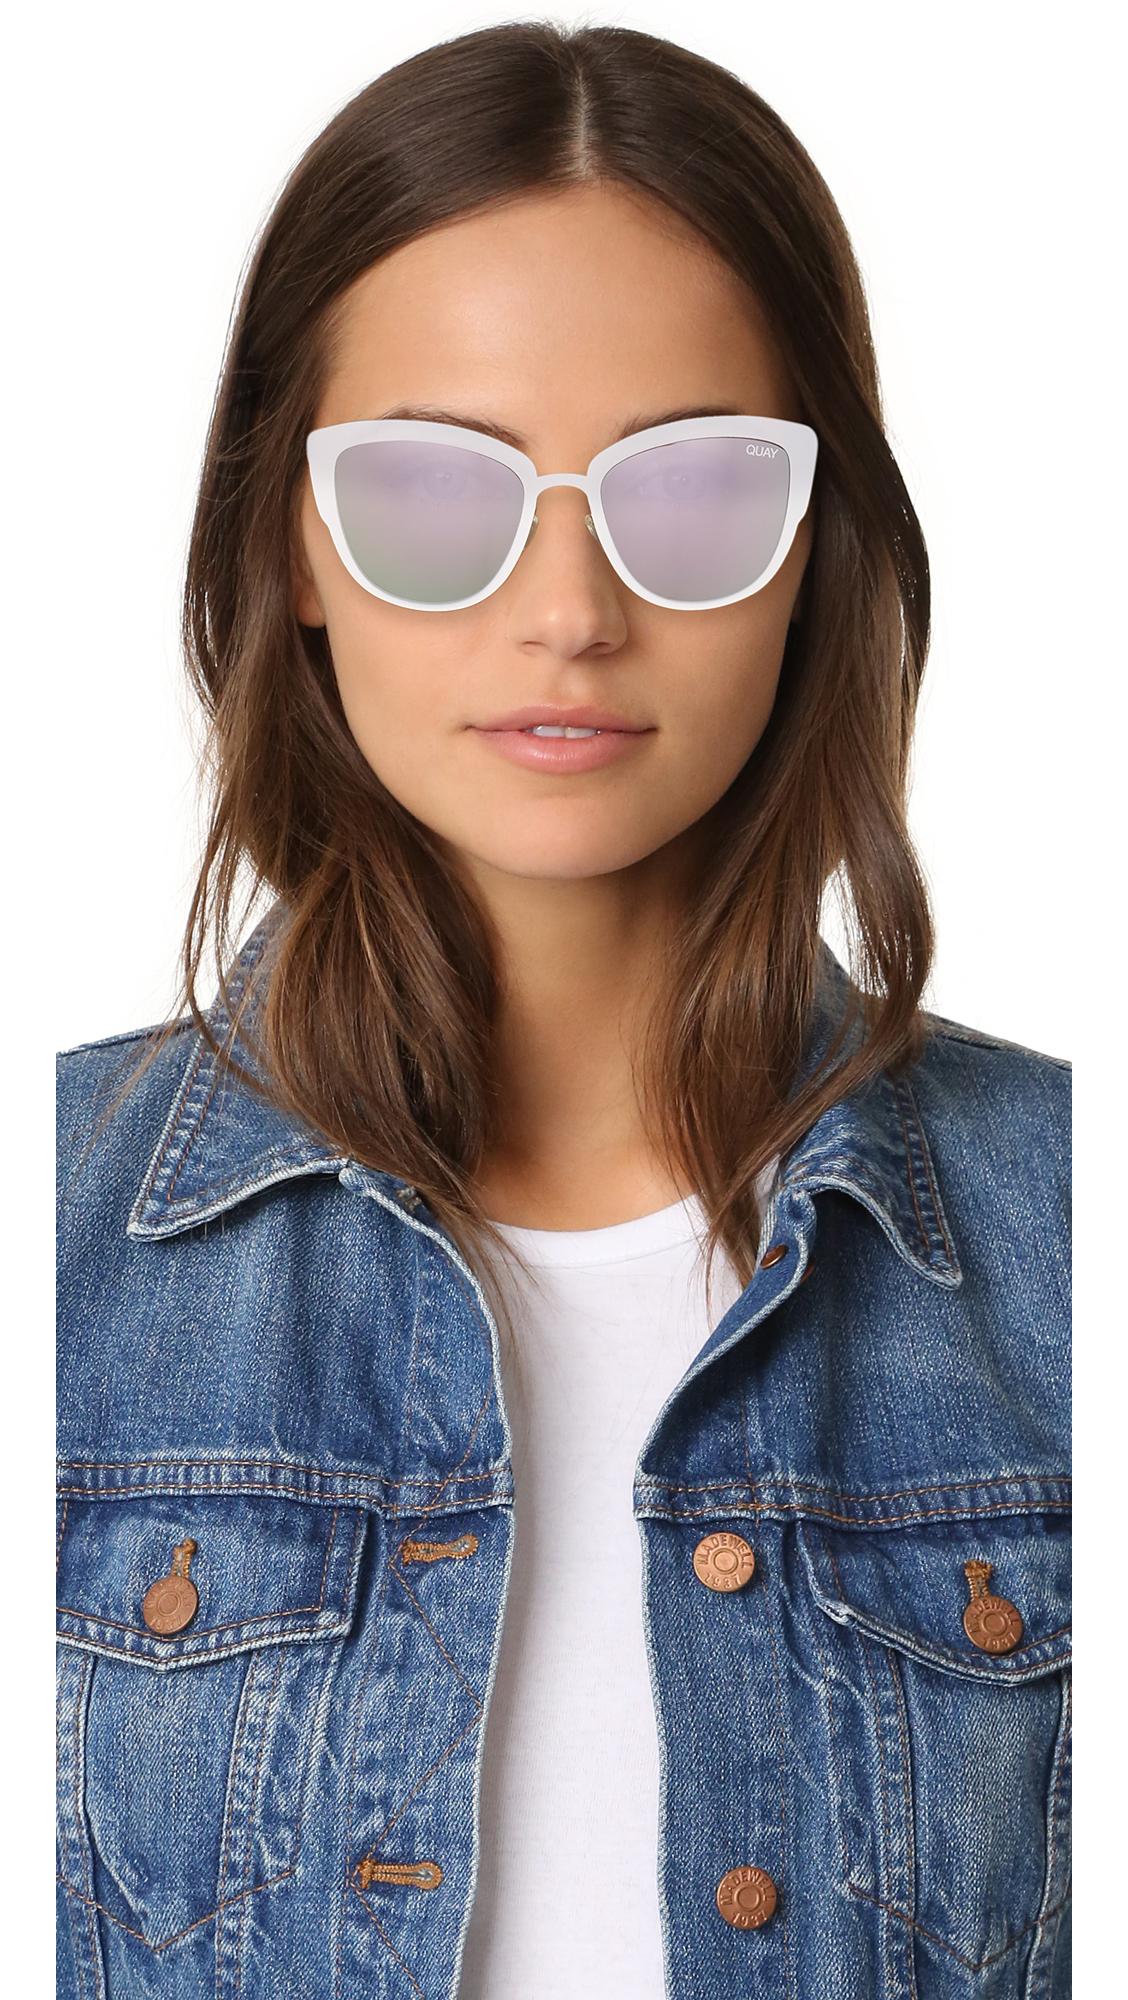 e417d7e970 Quay Supergirl Sunglasses